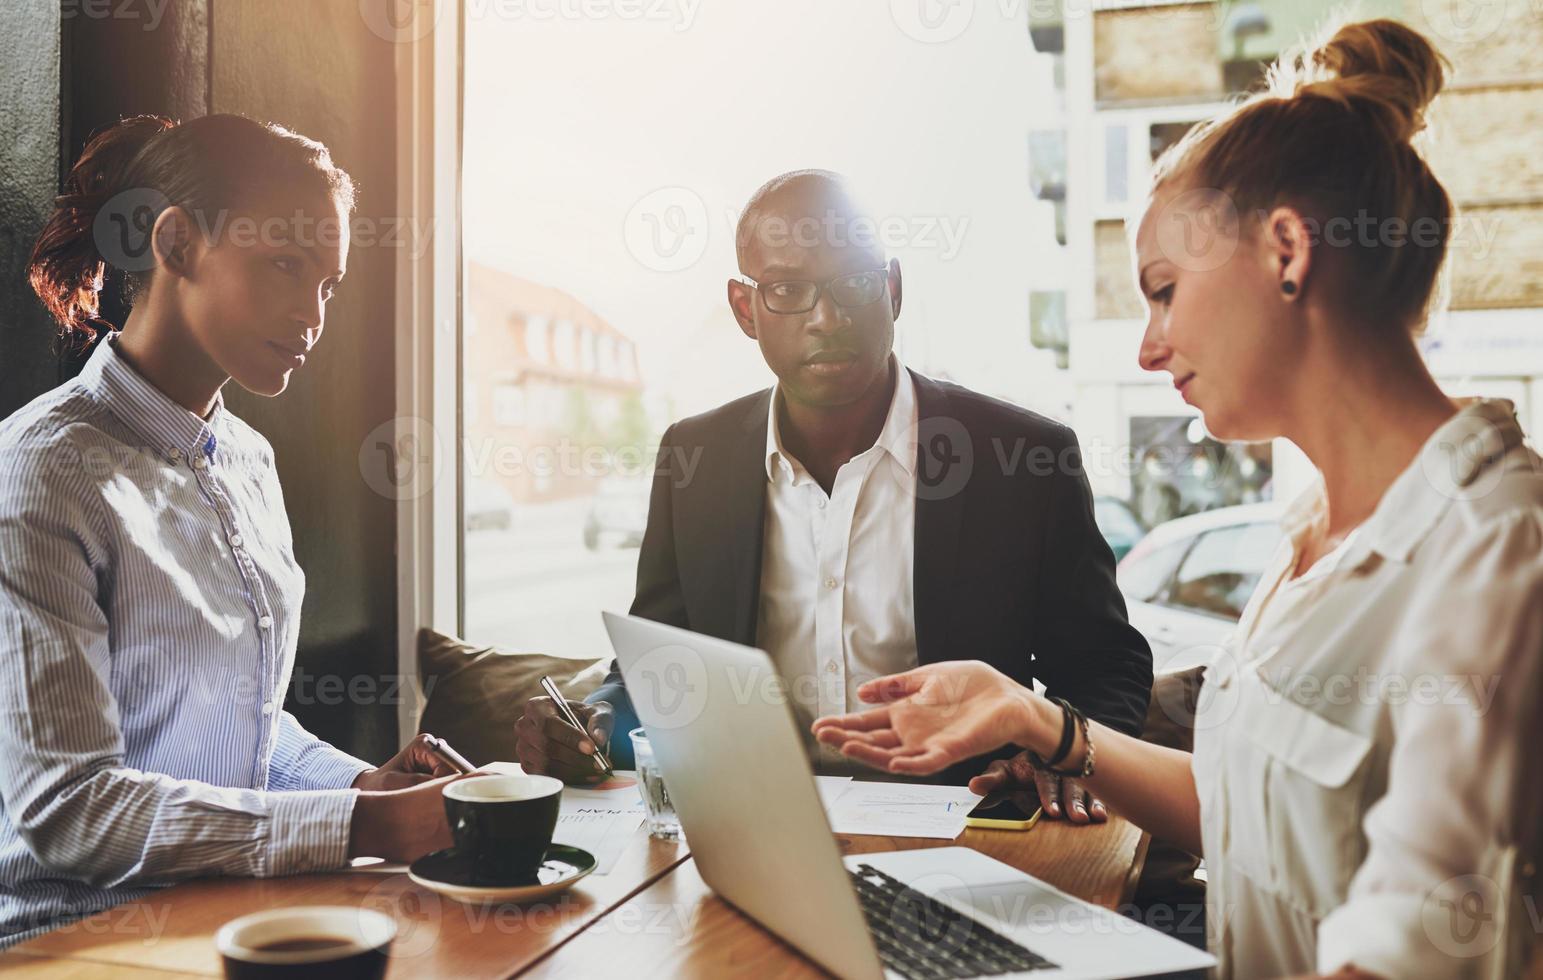 grupp flera etniska affärsmän på ett möte foto